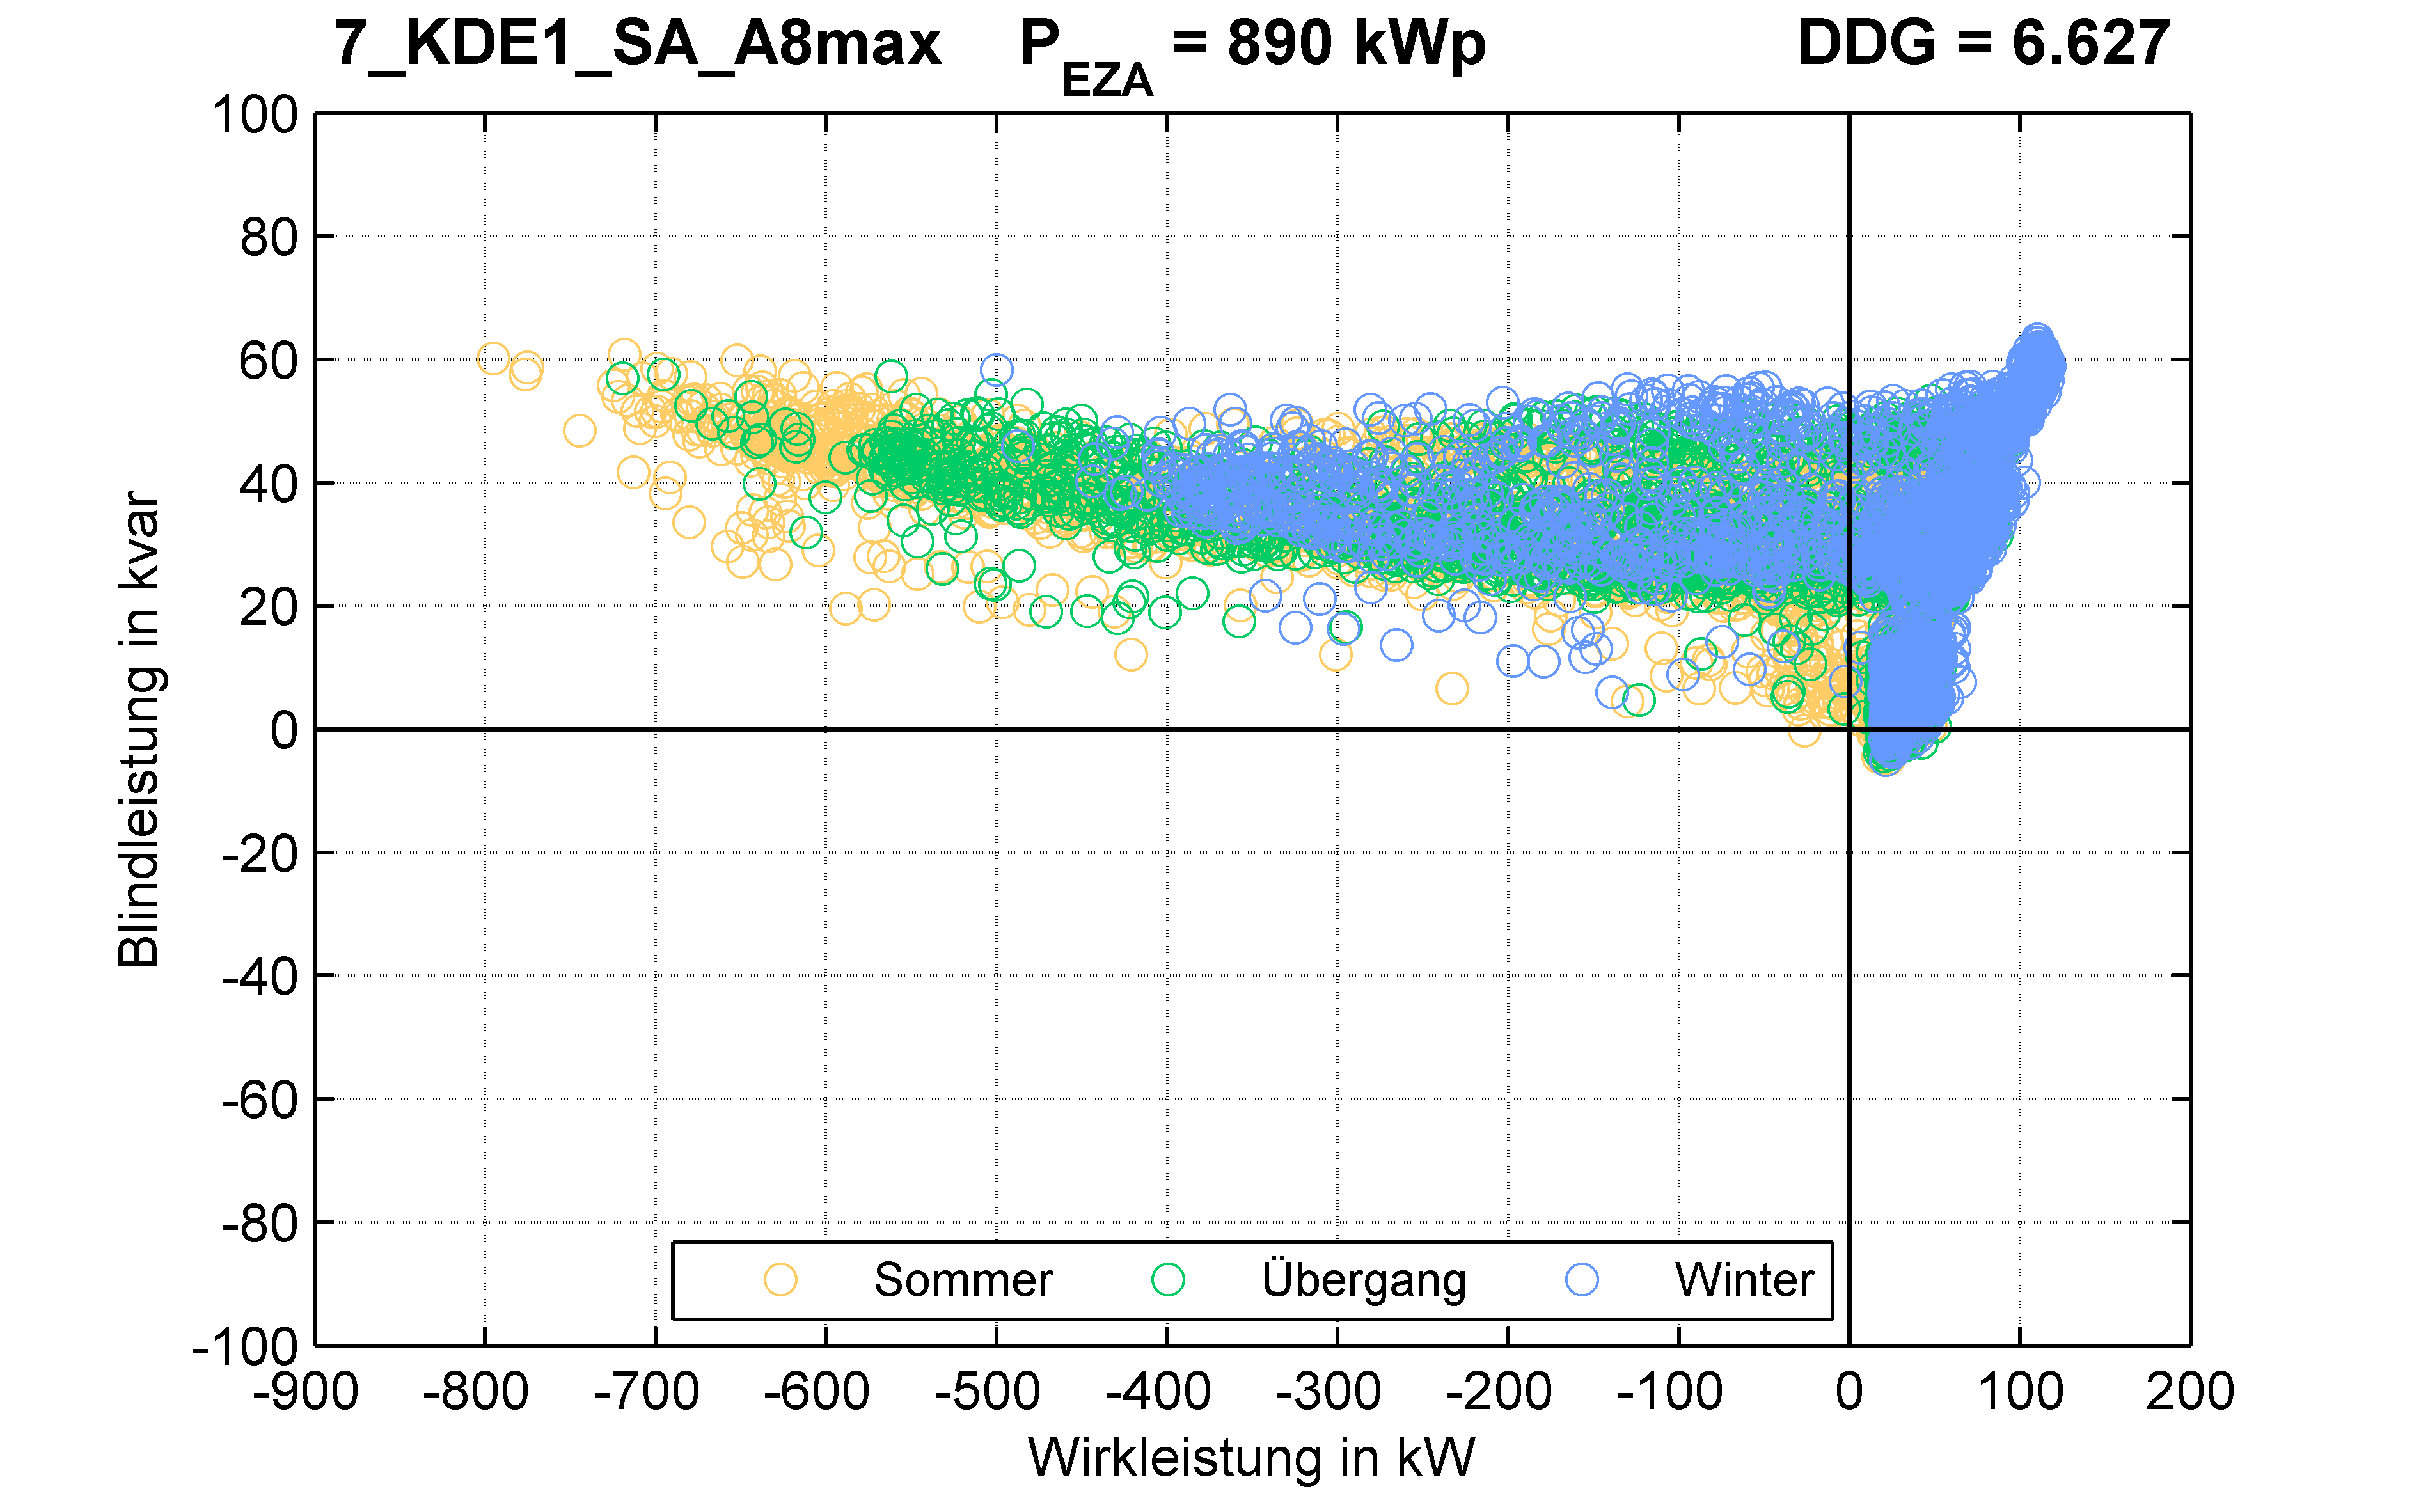 KDE1 | Längsregler (SA) A8max | PQ-Verhalten